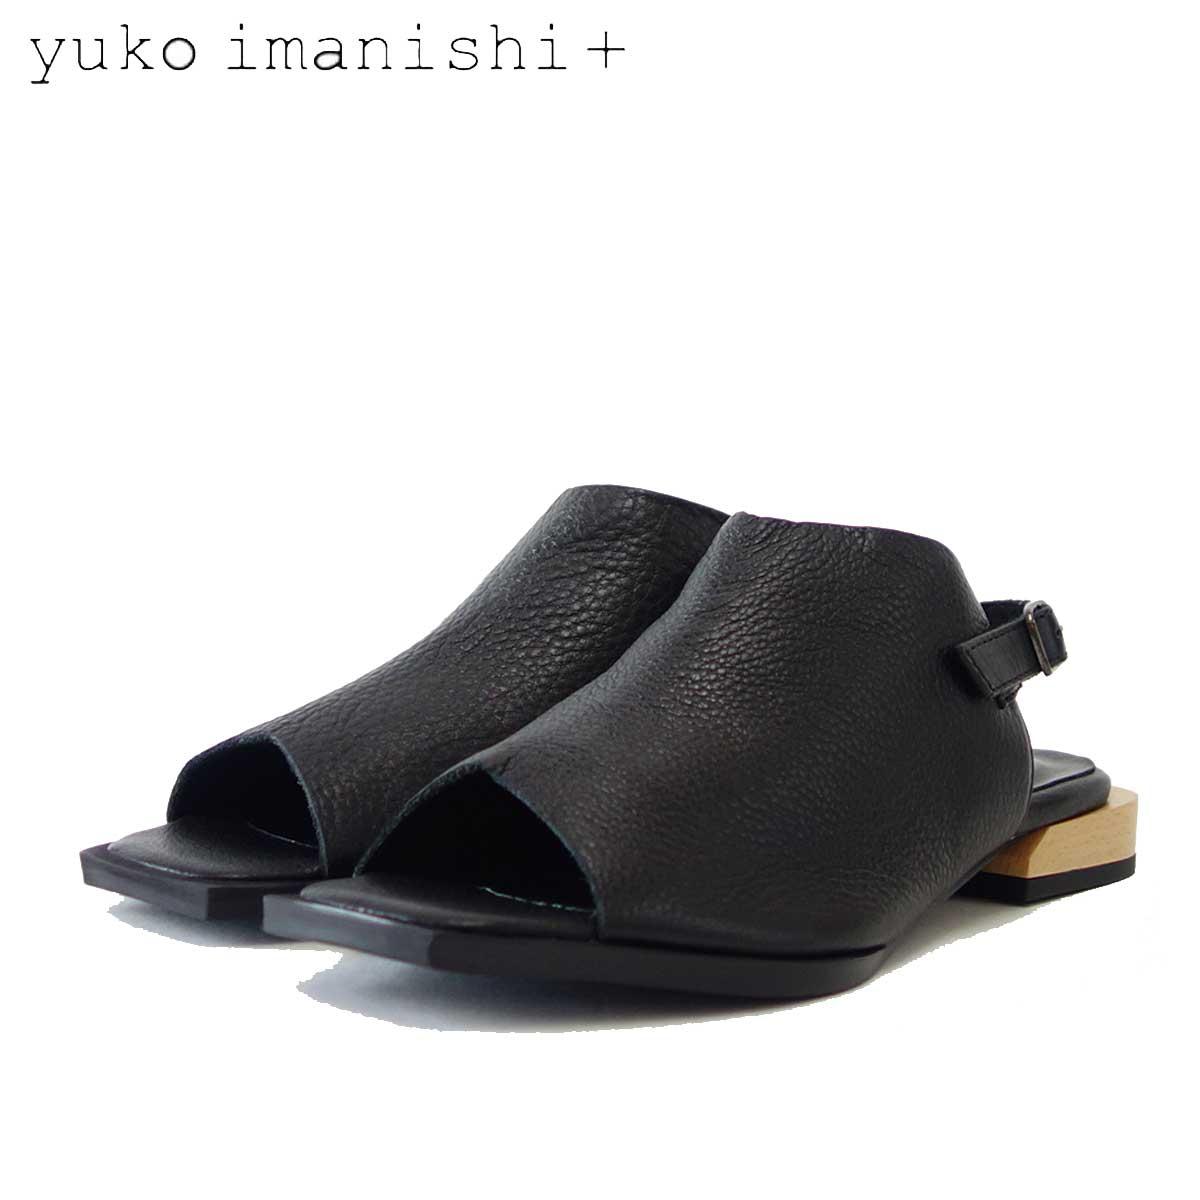 ユーコ イマニシ yuko imanishi +  792012 ブラック オープントゥ フラットサンダル 「靴」